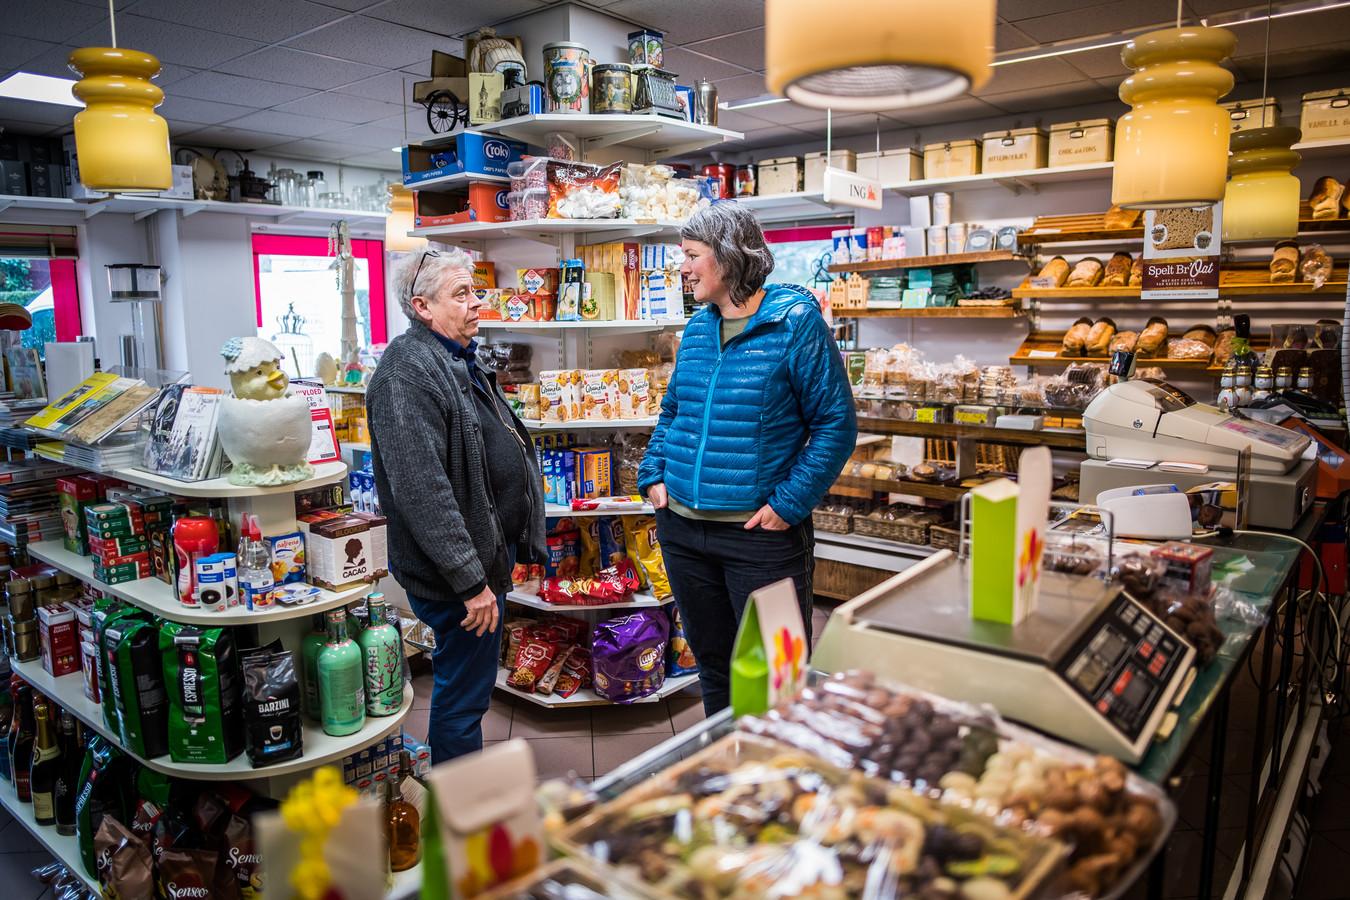 Annemiek Hellings in de bakkerij van Bertus Samberg in gesprek met de bakker.